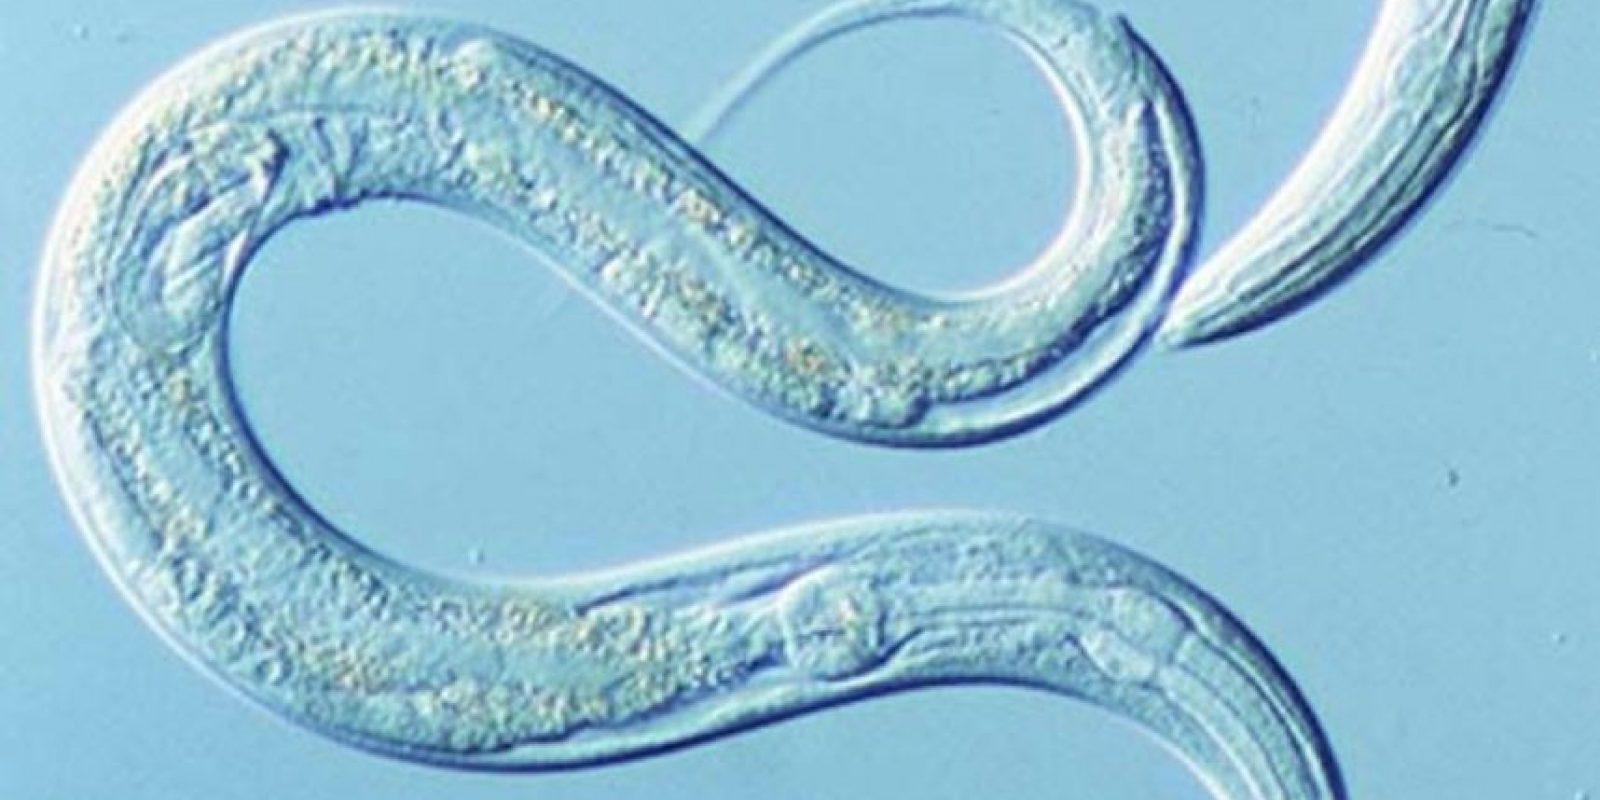 Con el apoyo de los investigadores de la universidad nipona, Hitachi espera poder comercializar para 2018 un dispositivo que mida la reacción de un grupo de estos gusanos y sirva para detectar un cáncer en su fase inicial. Foto:Tumblr